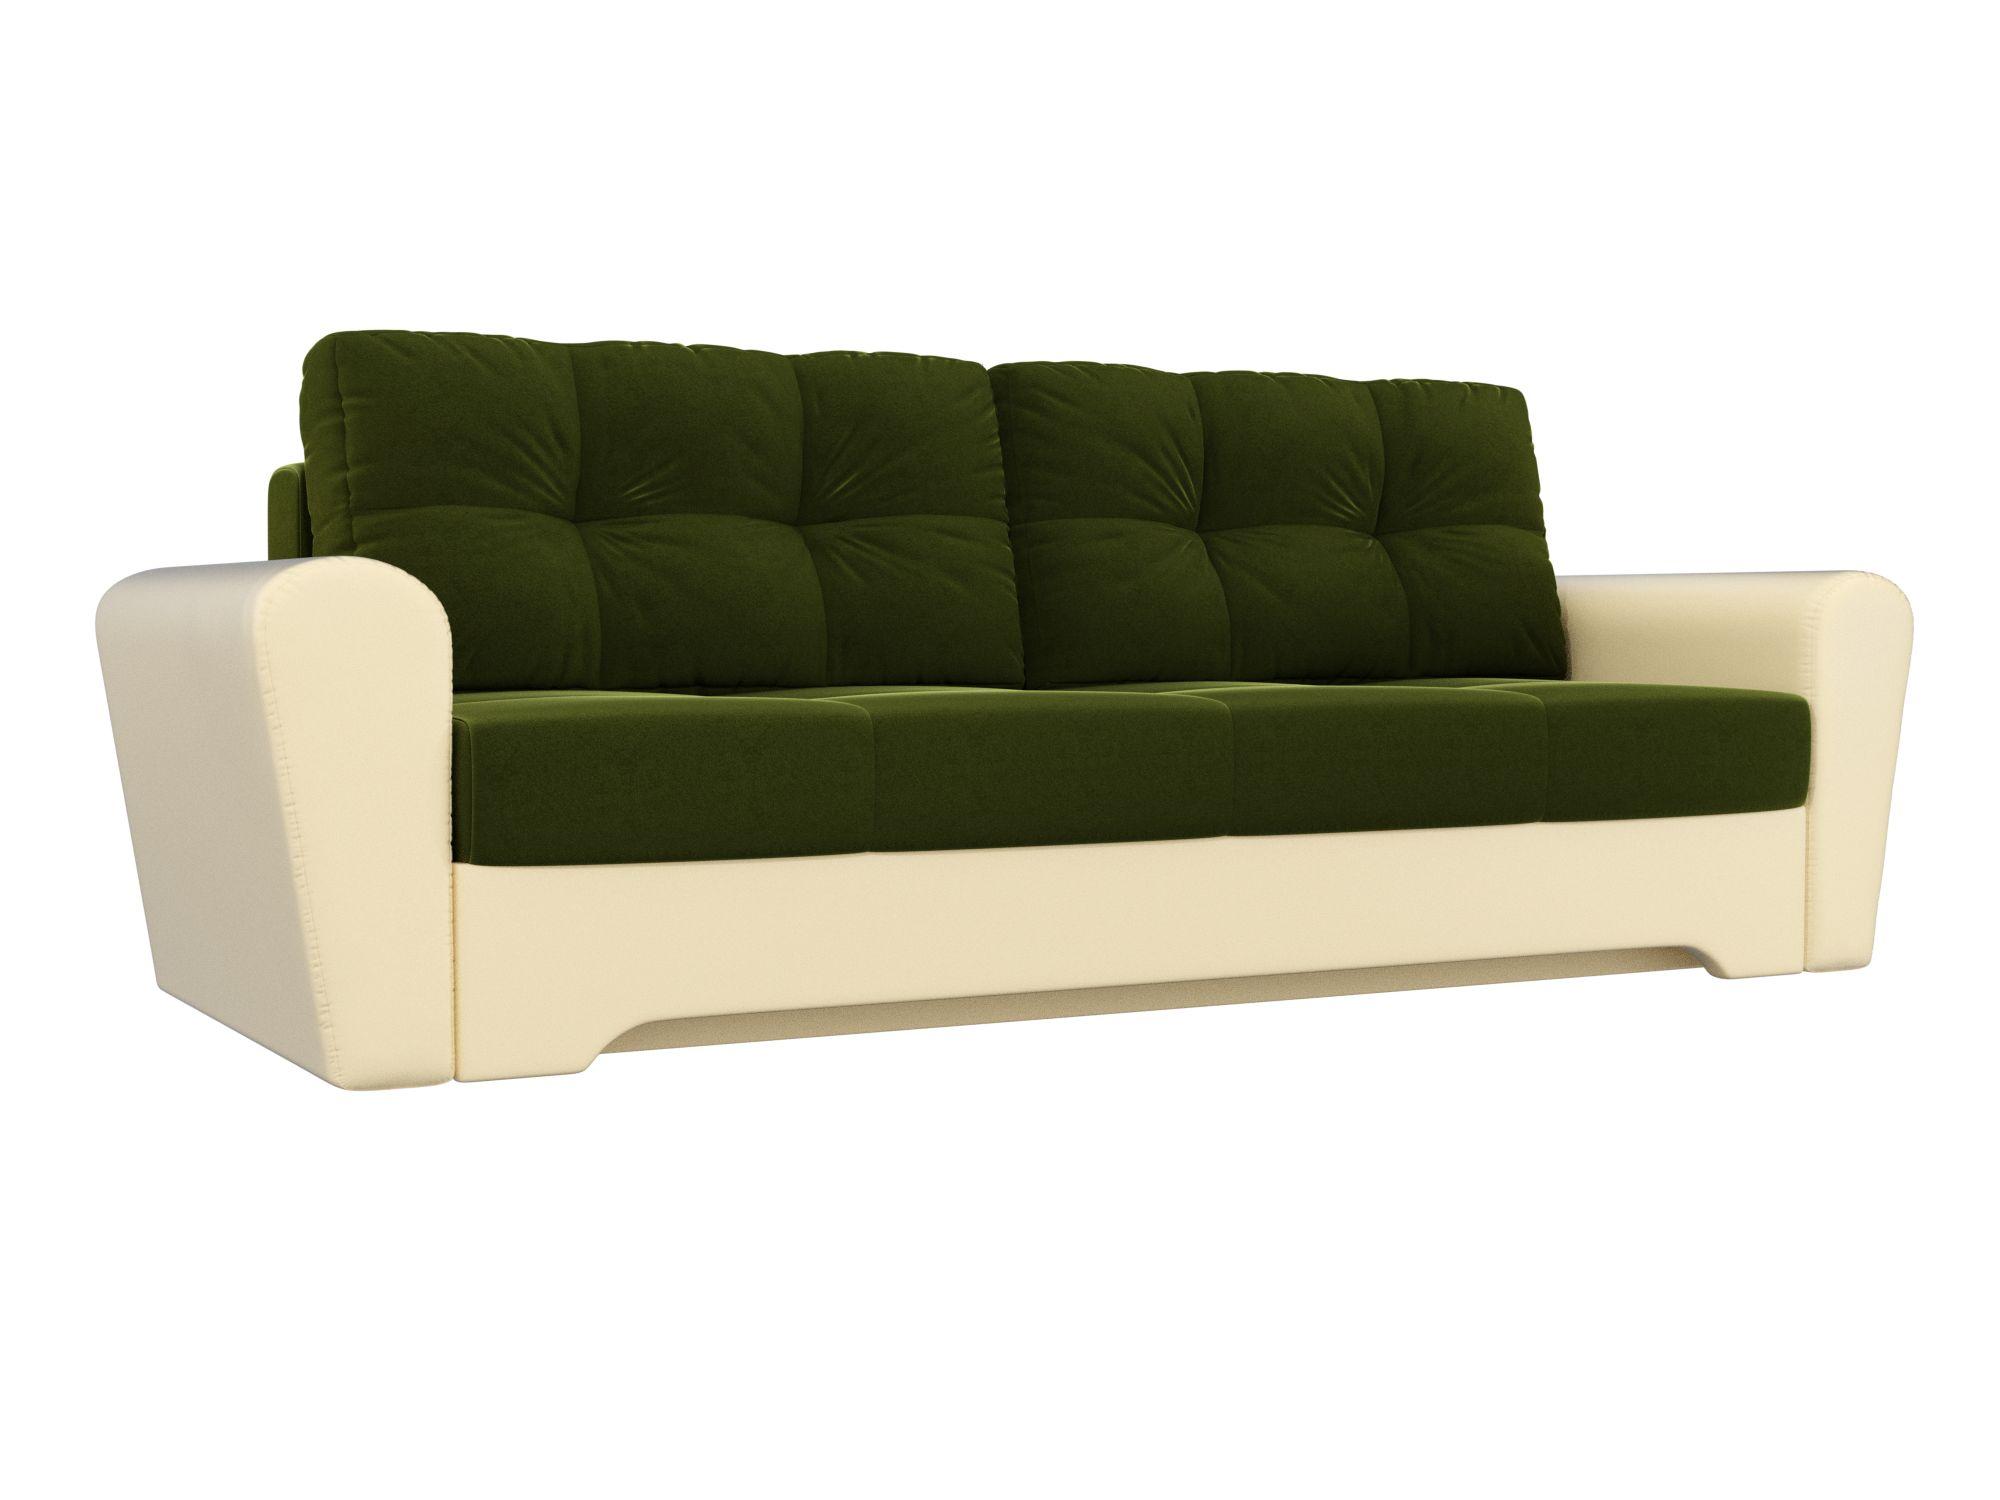 Диван прямой Мебелико Амстердам микровельвет зеленый/ эко кожа бежевый